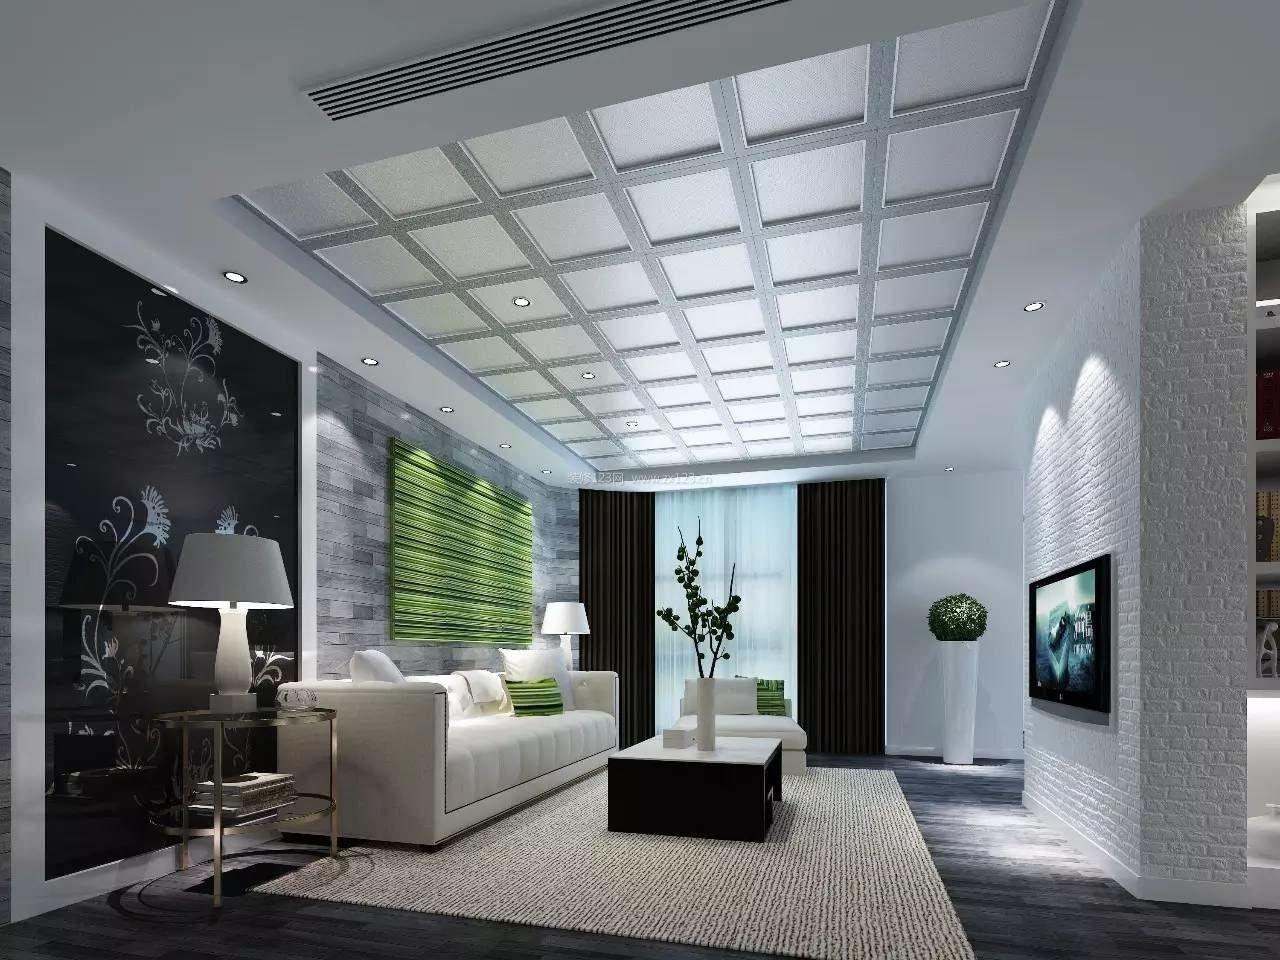 创意客厅吊顶造型效果图欣赏图片